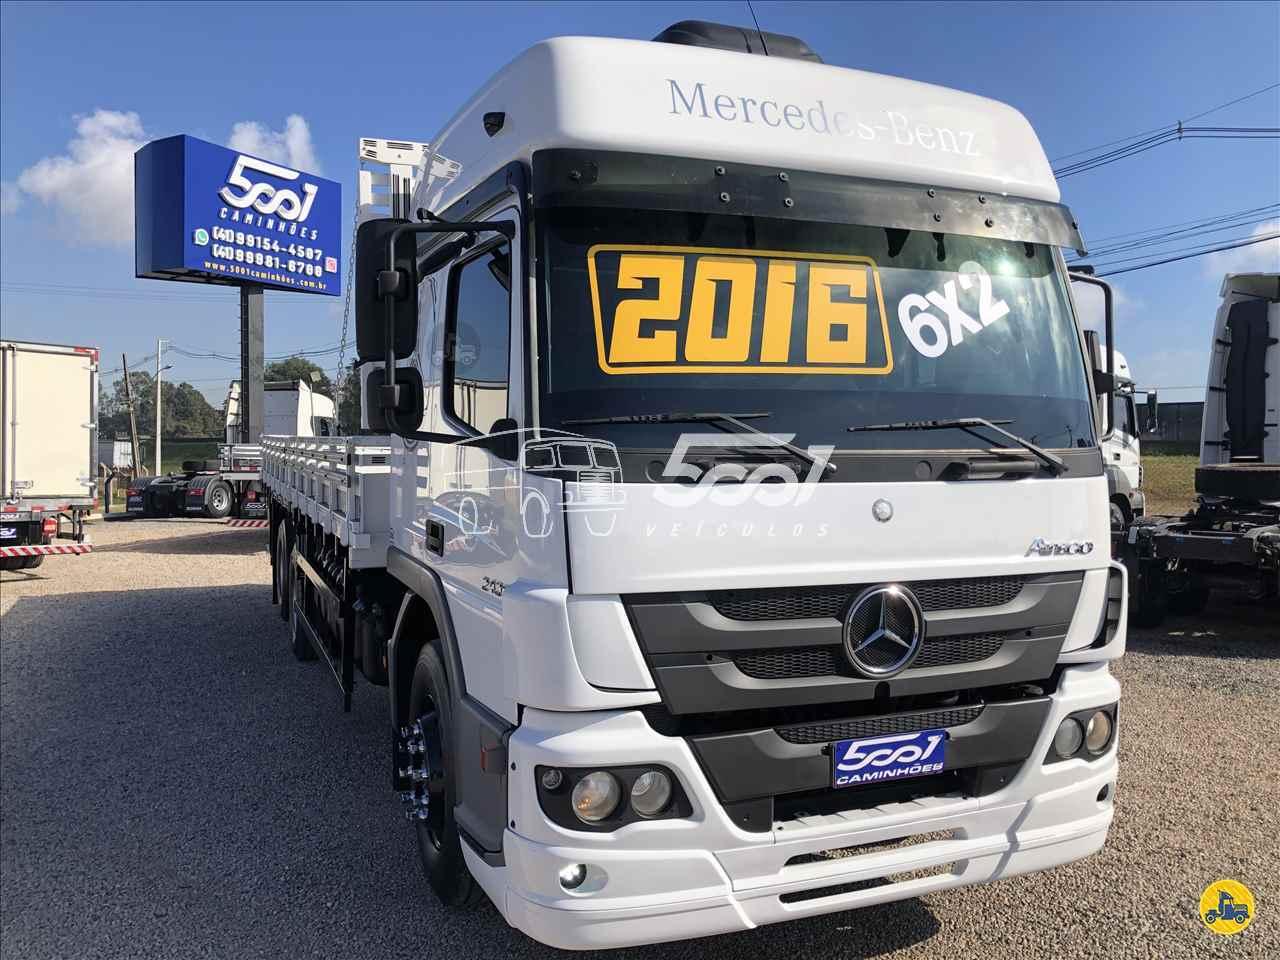 CAMINHAO MERCEDES-BENZ MB 2430 Carga Seca Truck 6x2 5001 Veículos - São José dos Pinhais SAO JOSE DOS PINHAIS PARANÁ PR